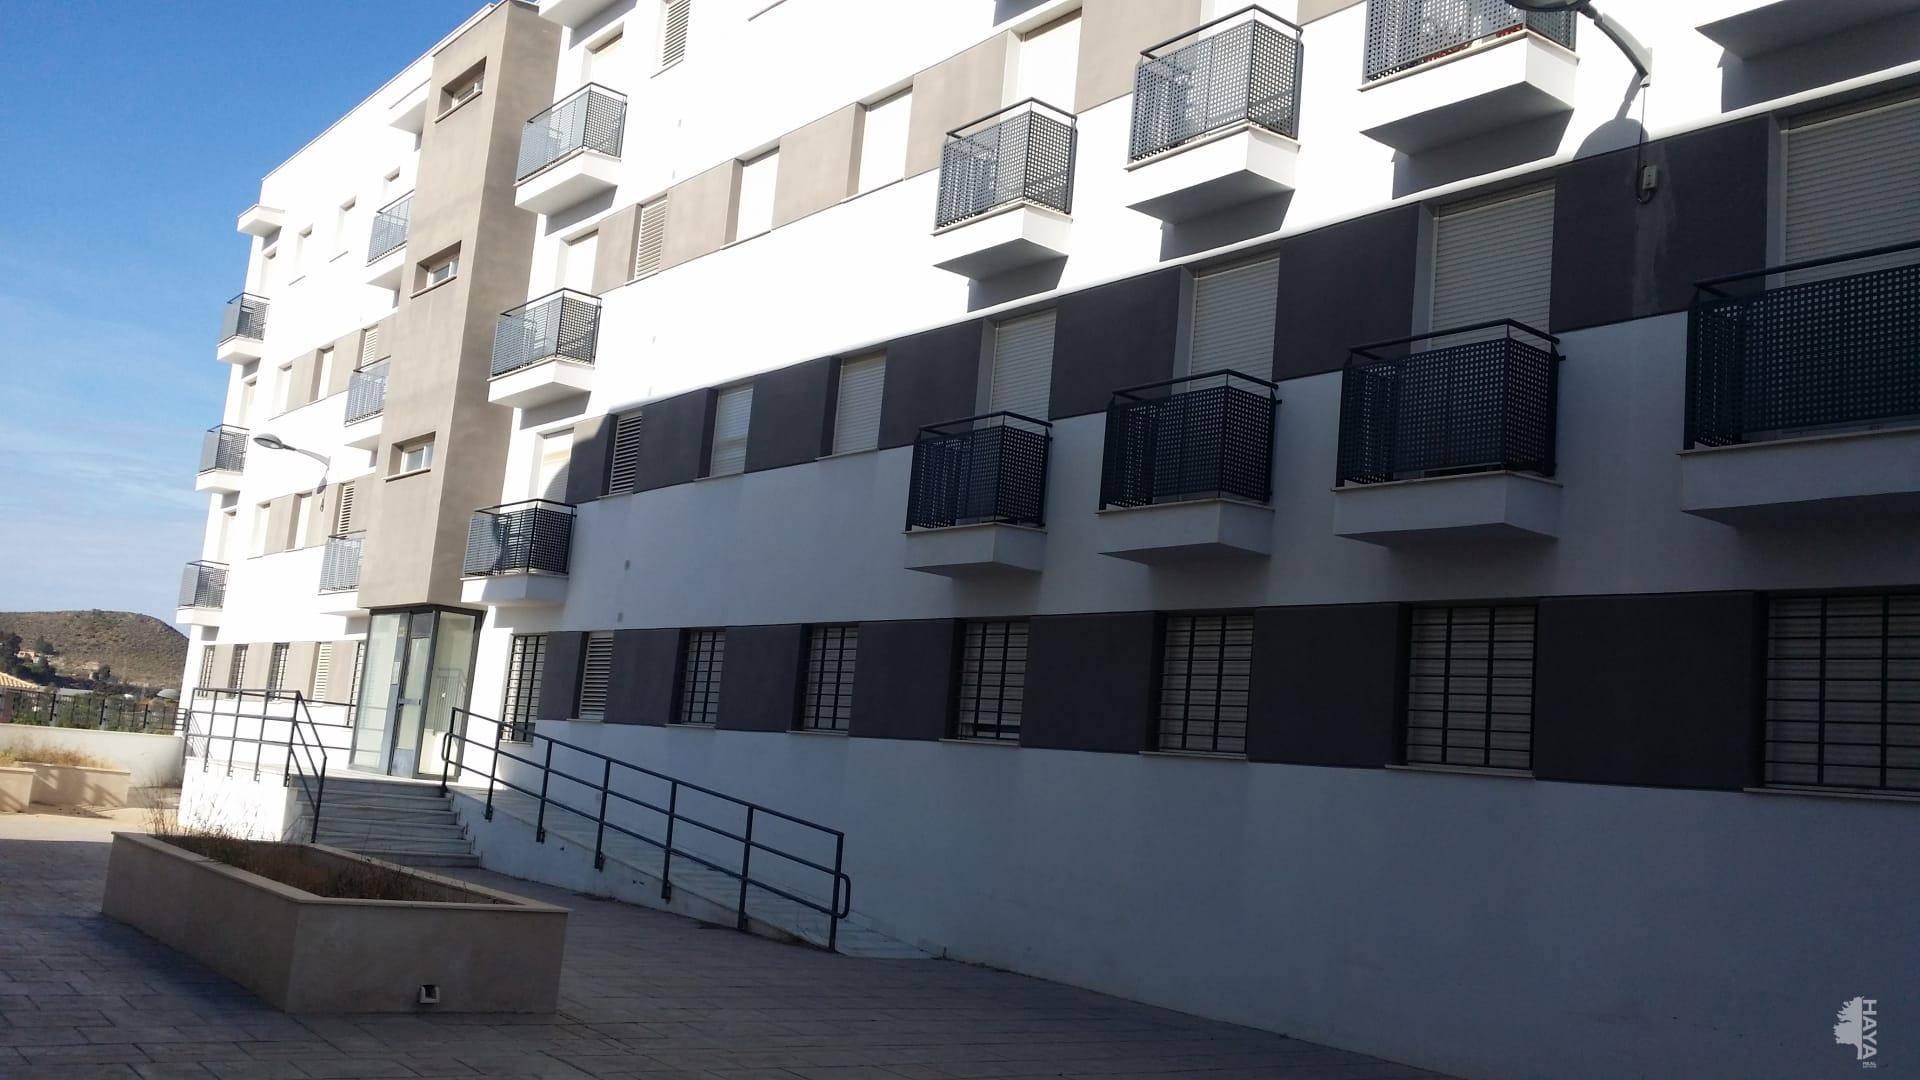 Piso en venta en Olula del Río, Almería, Calle Alta, 69.200 €, 3 habitaciones, 1 baño, 104 m2